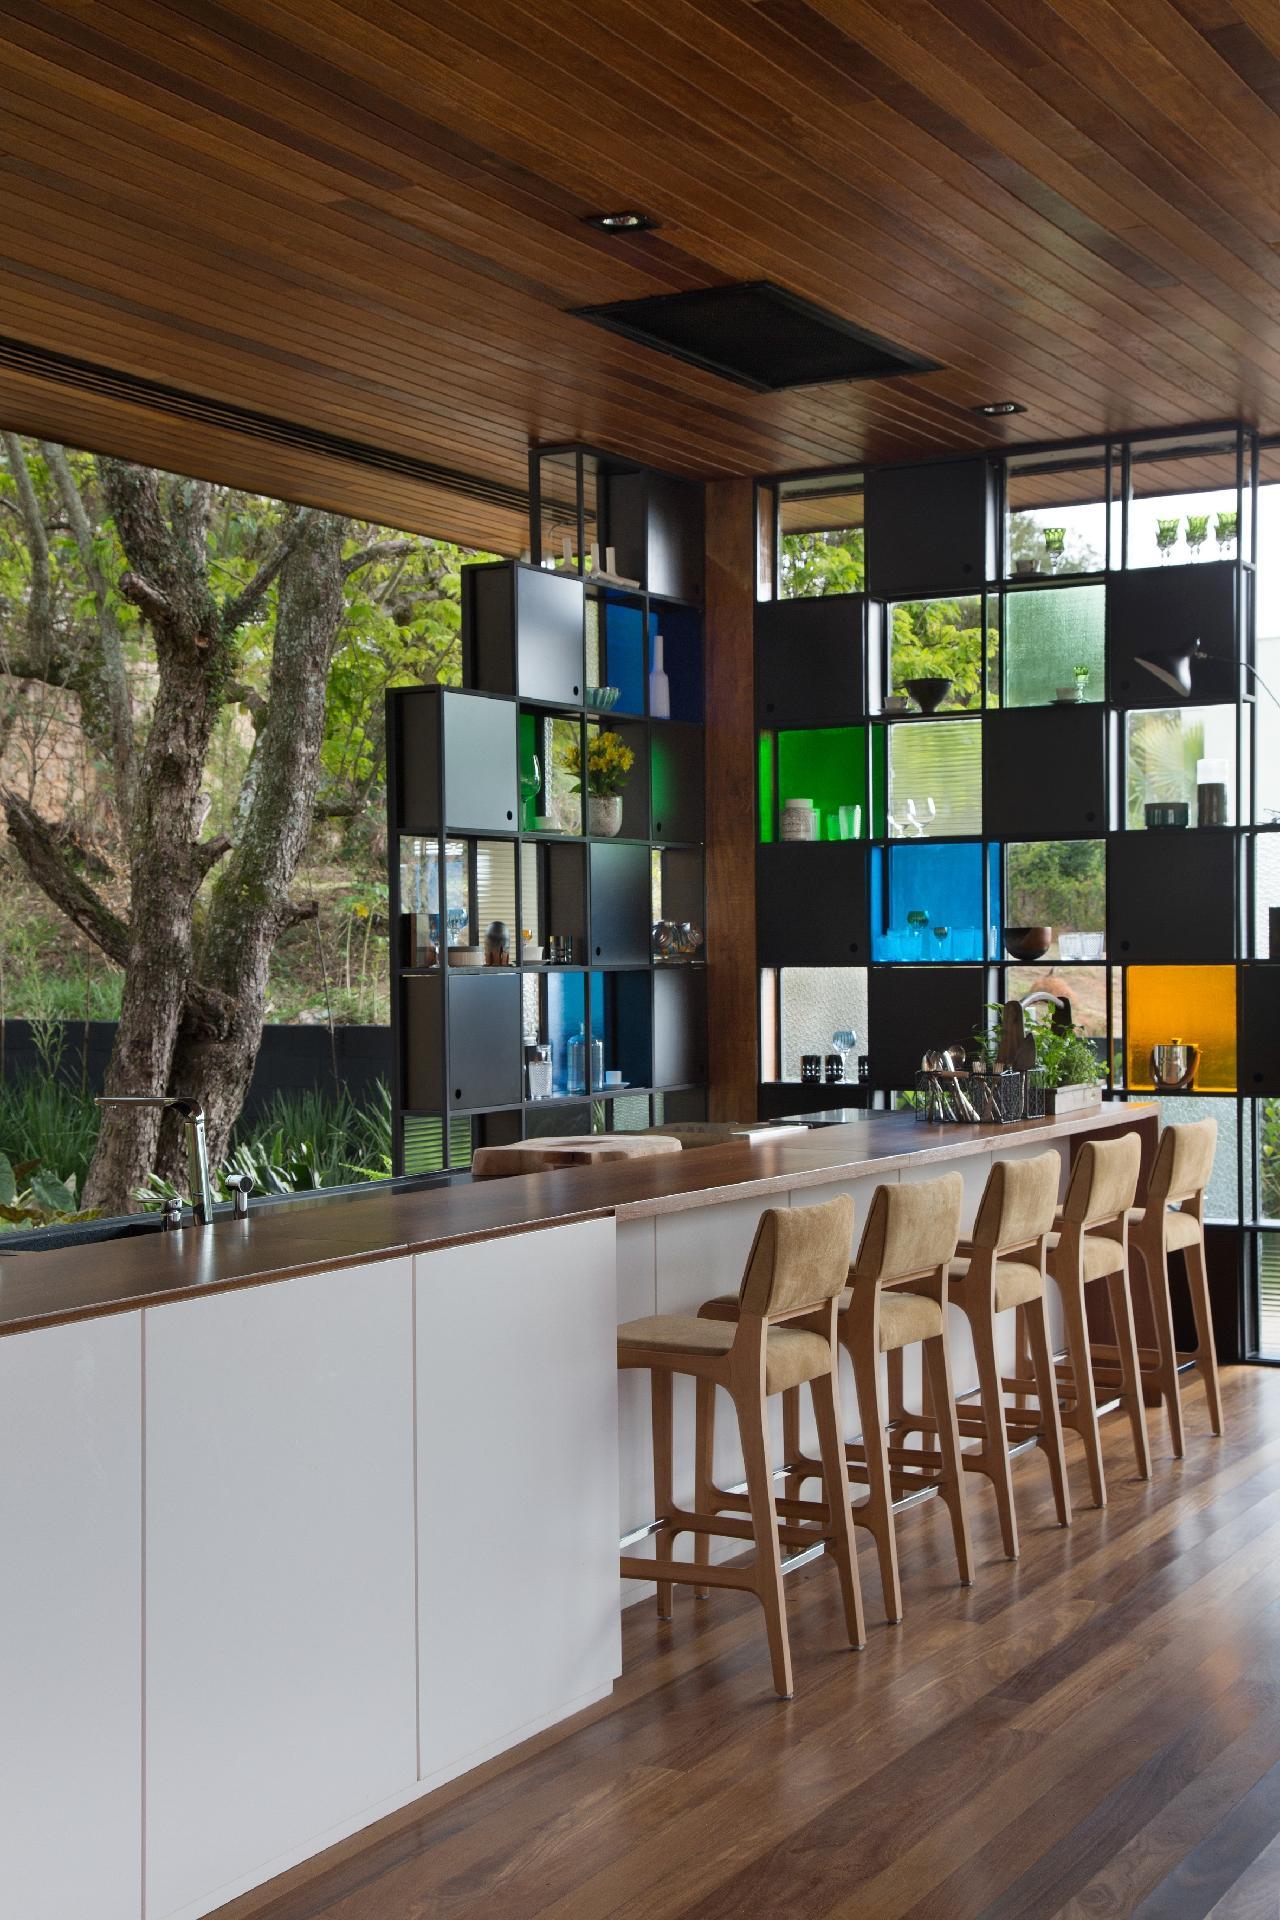 Os nichos em aço preto e vidro colorido formam a estante-bar da área gourmet, desta casa de campo em Campinas (SP). As banquetas Anna, criadas por Jader Almeida, compõem a bancada. O arquiteto Otto Felix assina o projeto de arquitetura e interiores